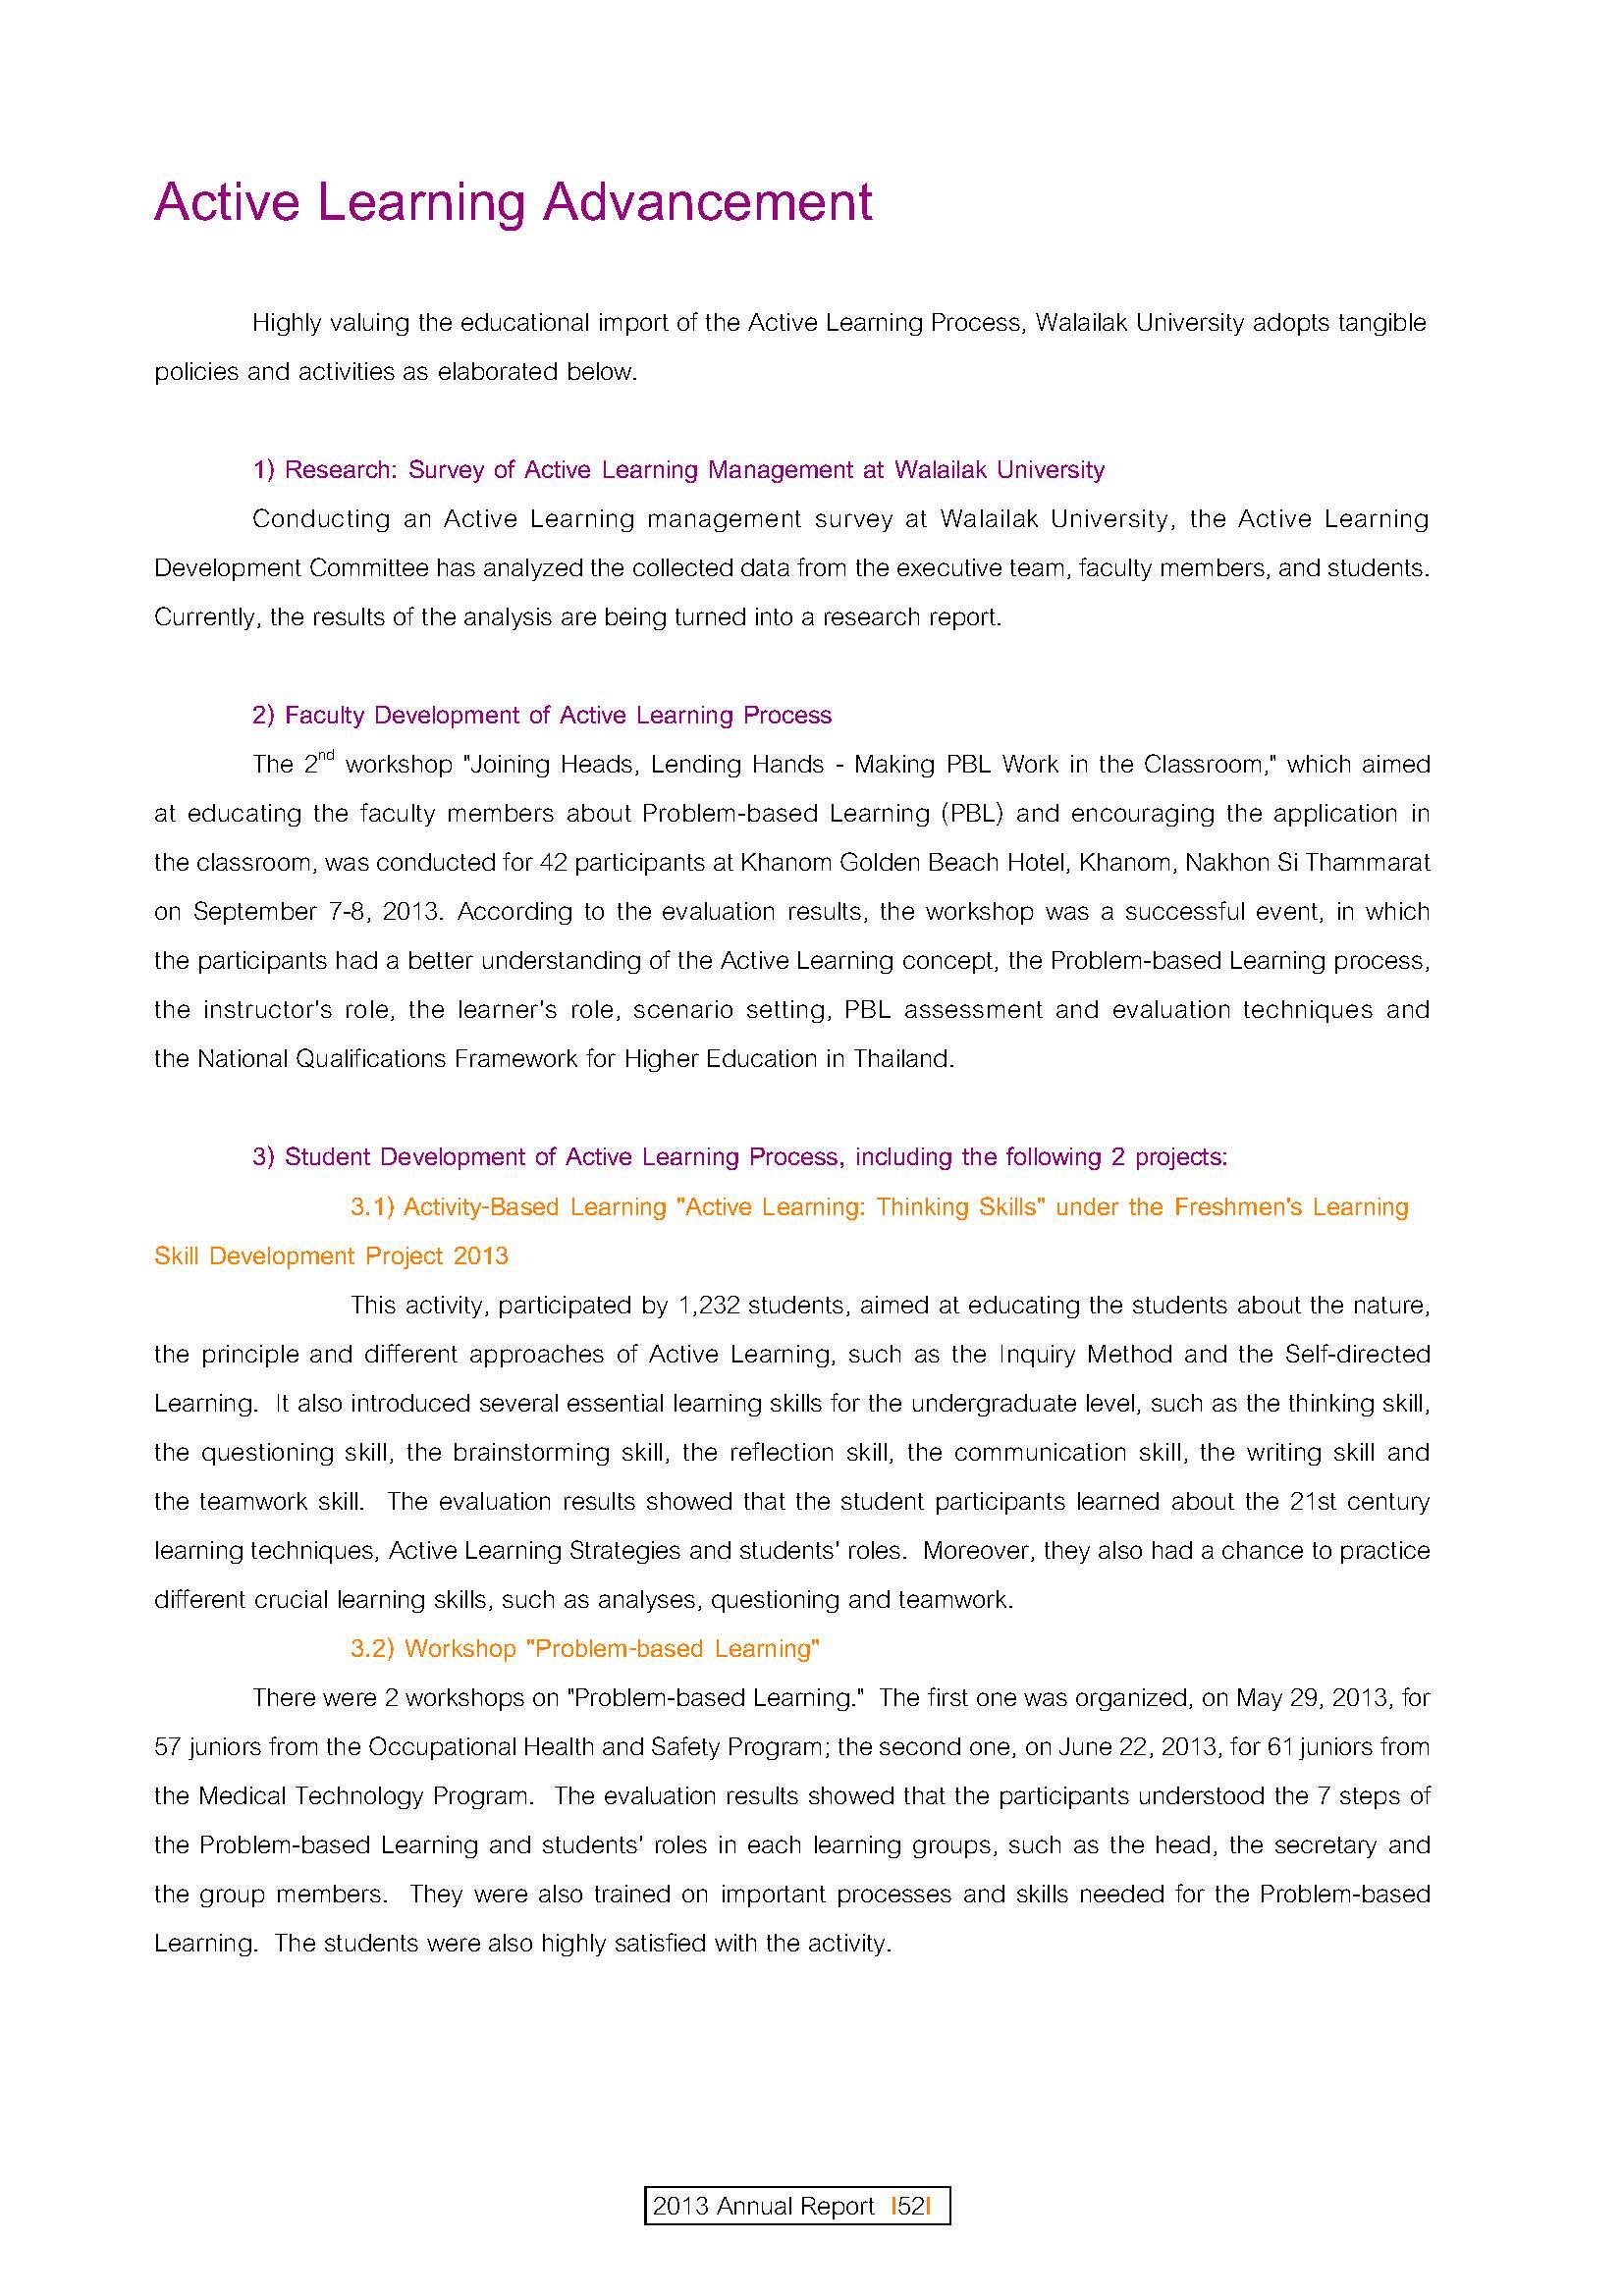 รายงานประจำปี2013ภาษาอังกฤษ_Page_52